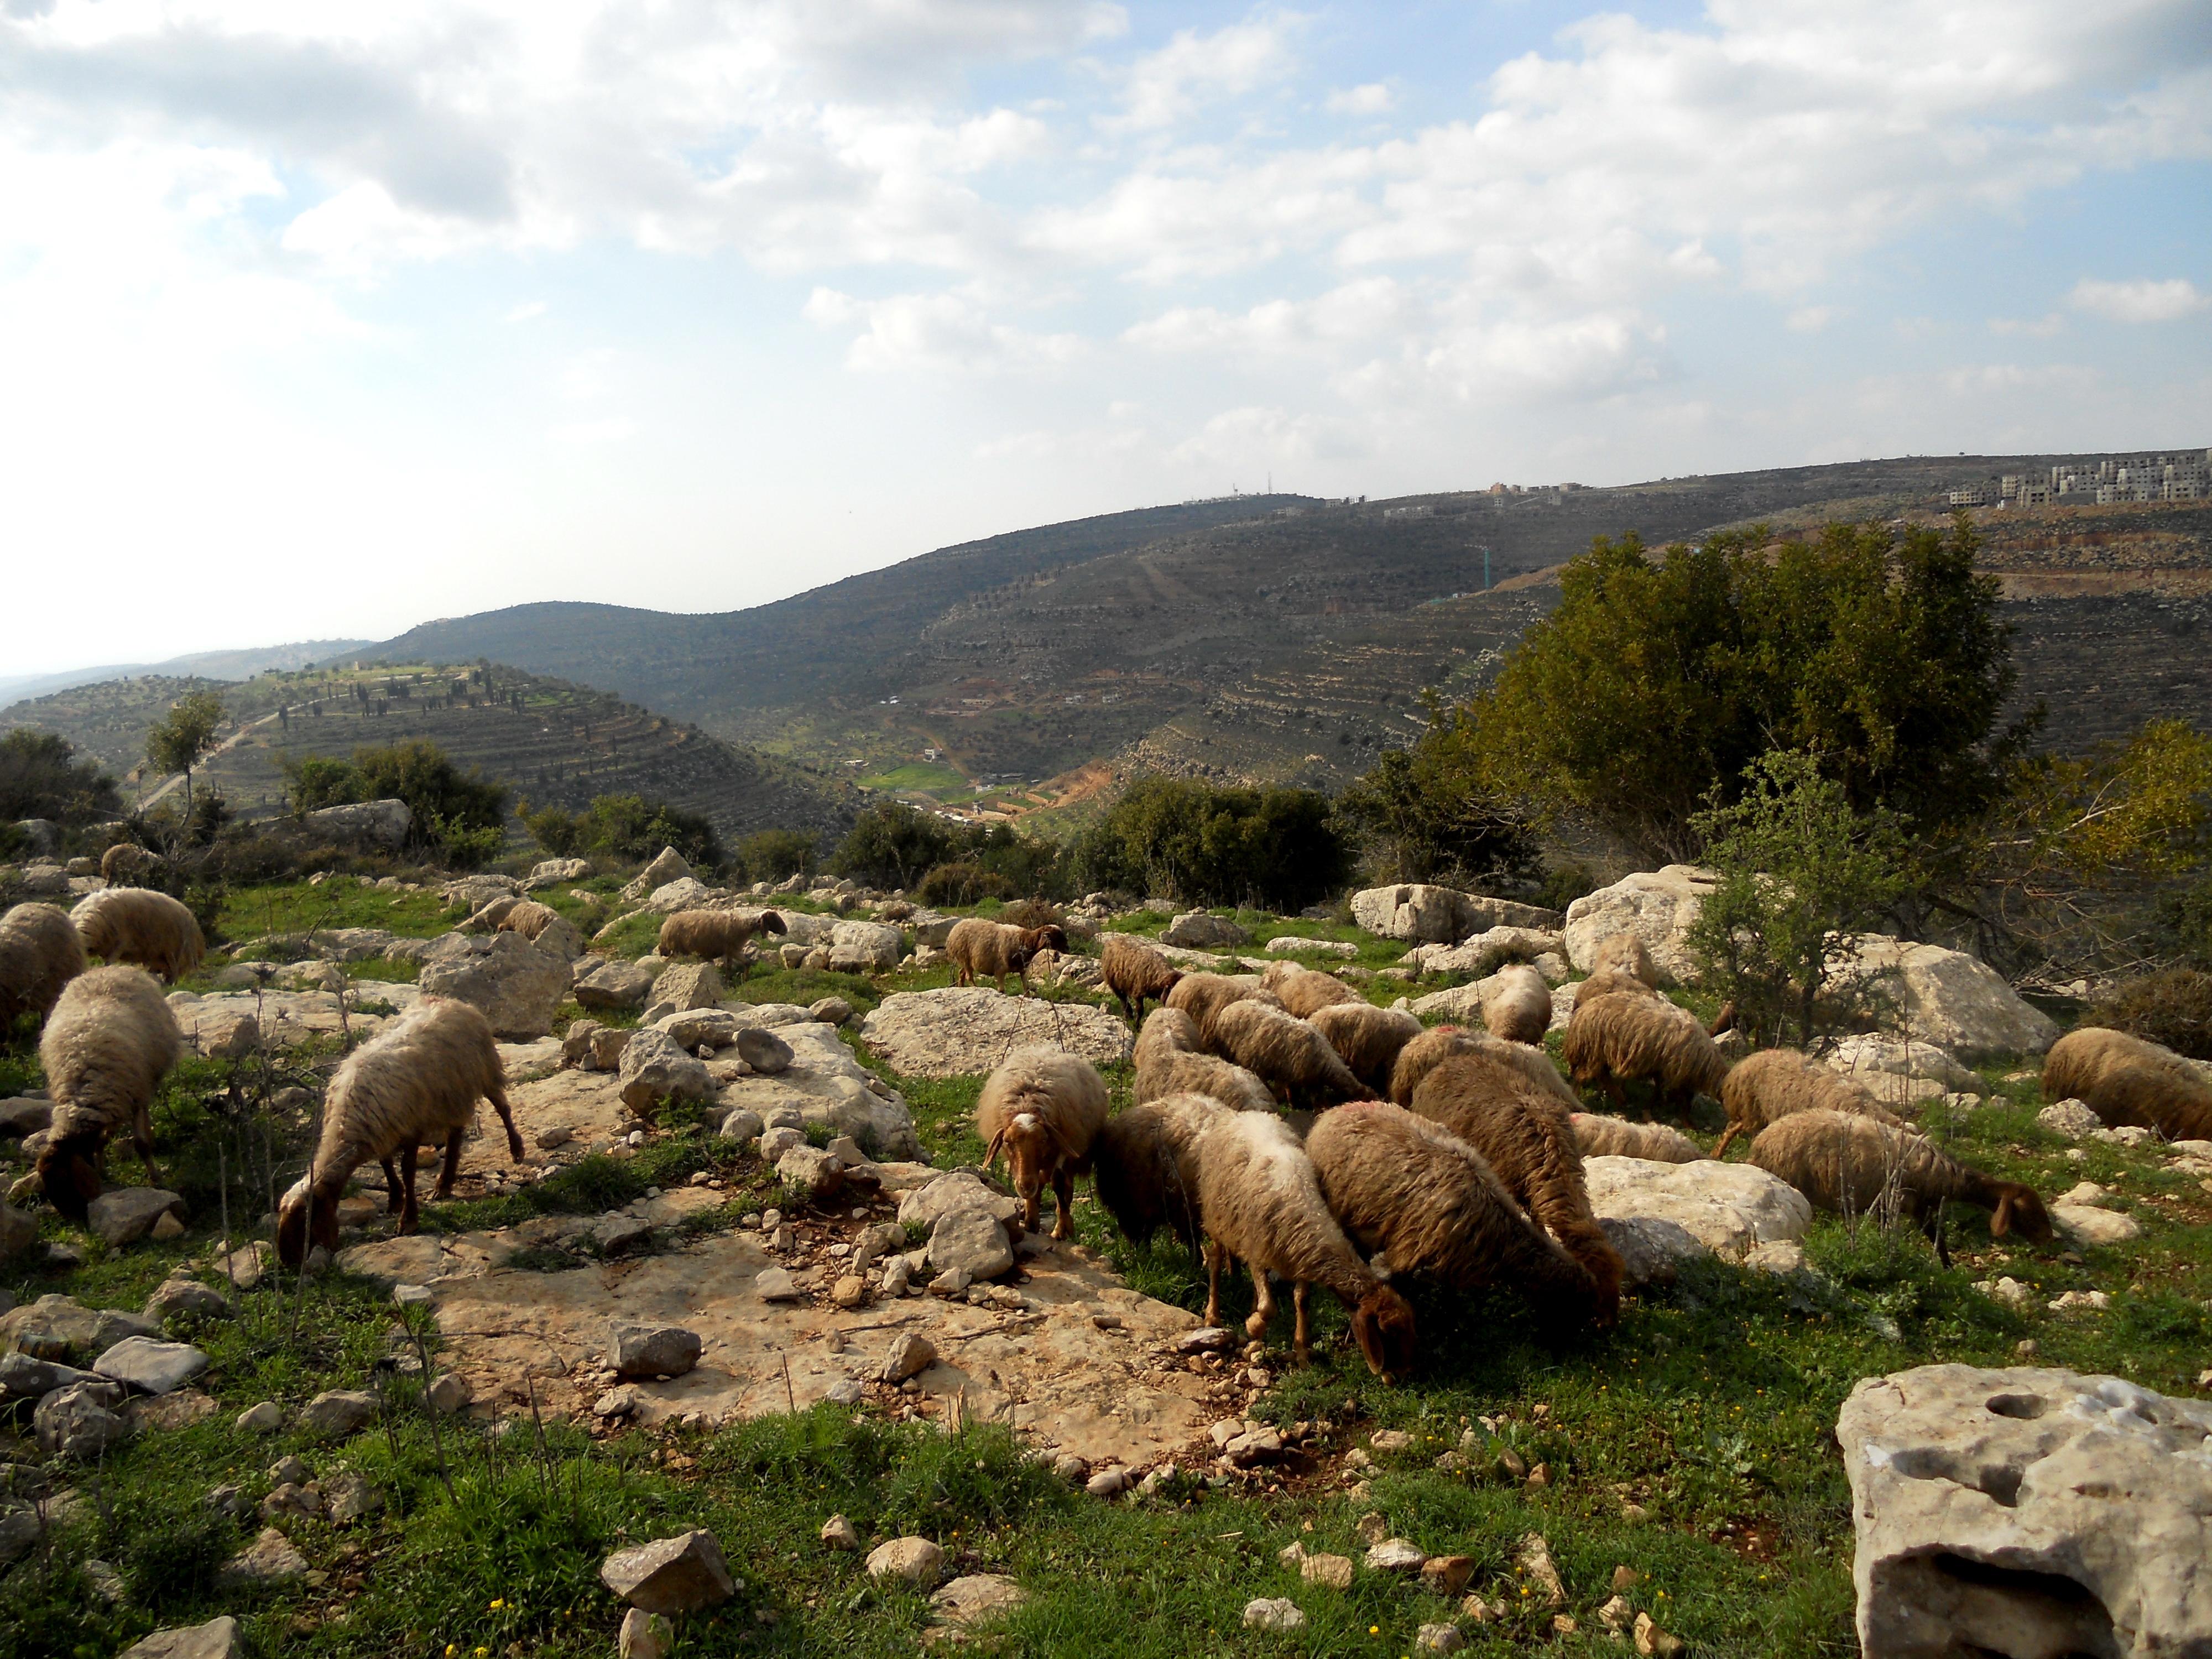 قرار دولي بسيادة الشعب الفلسطيني على موارده الطبيعية